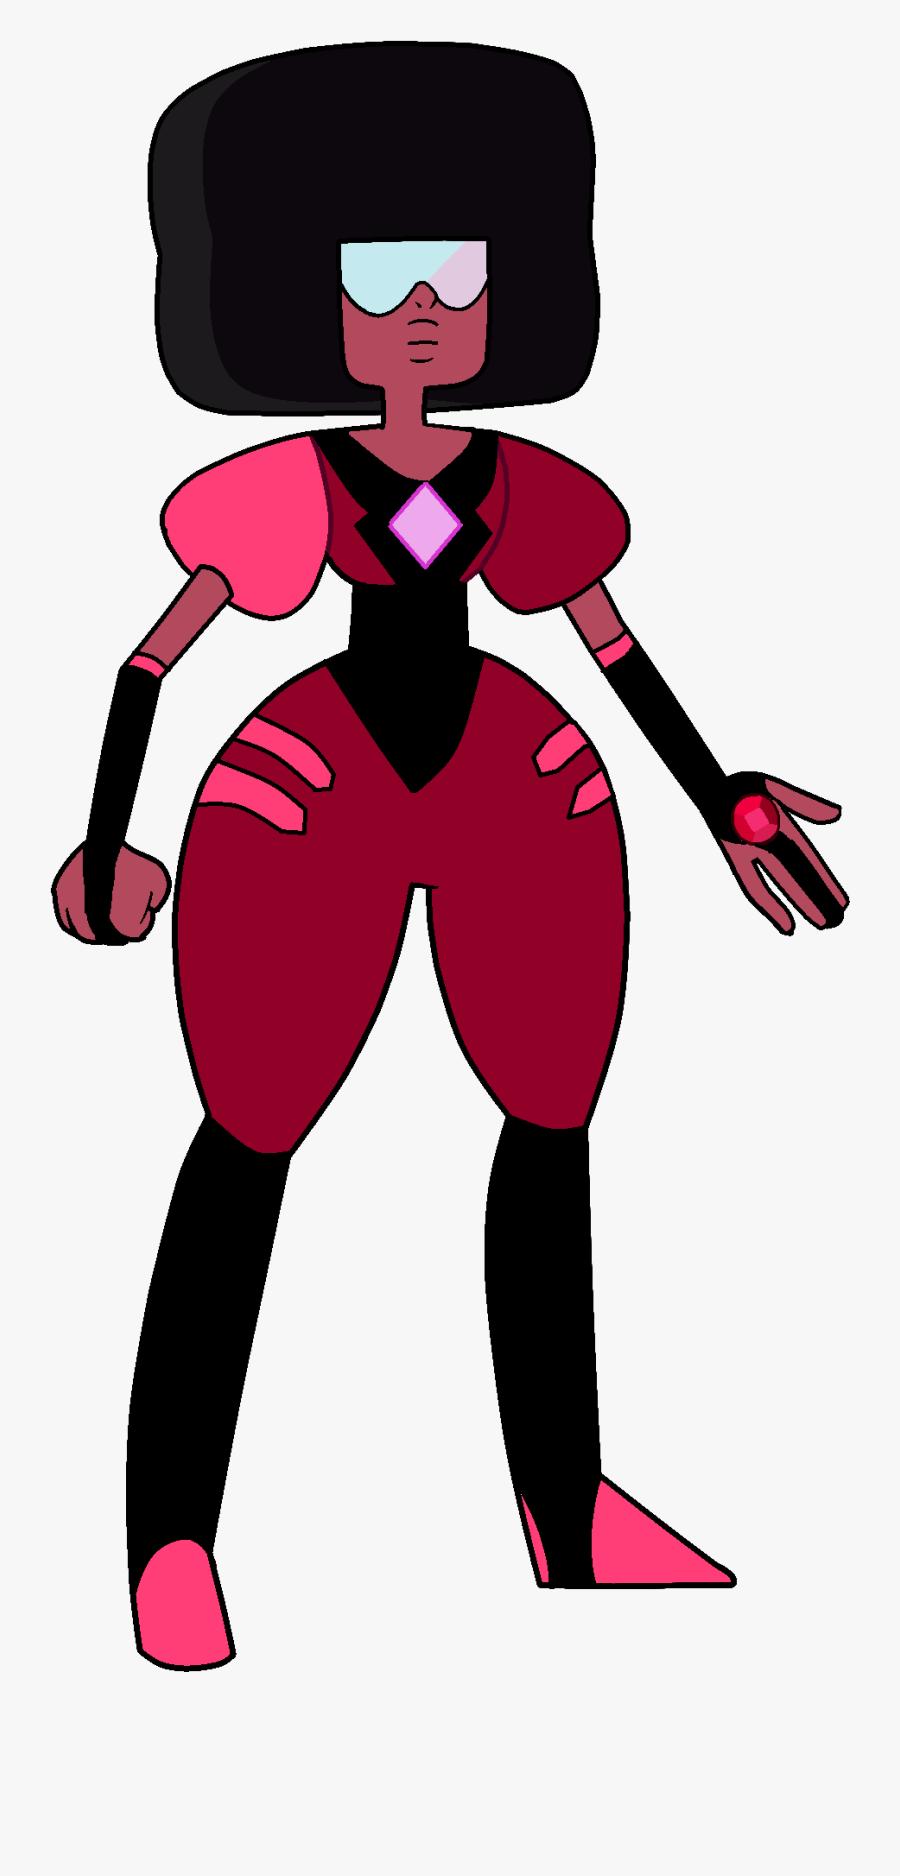 Fart Clipart Steven Universe Garnet - Garnet Diamond Steven Universe, Transparent Clipart